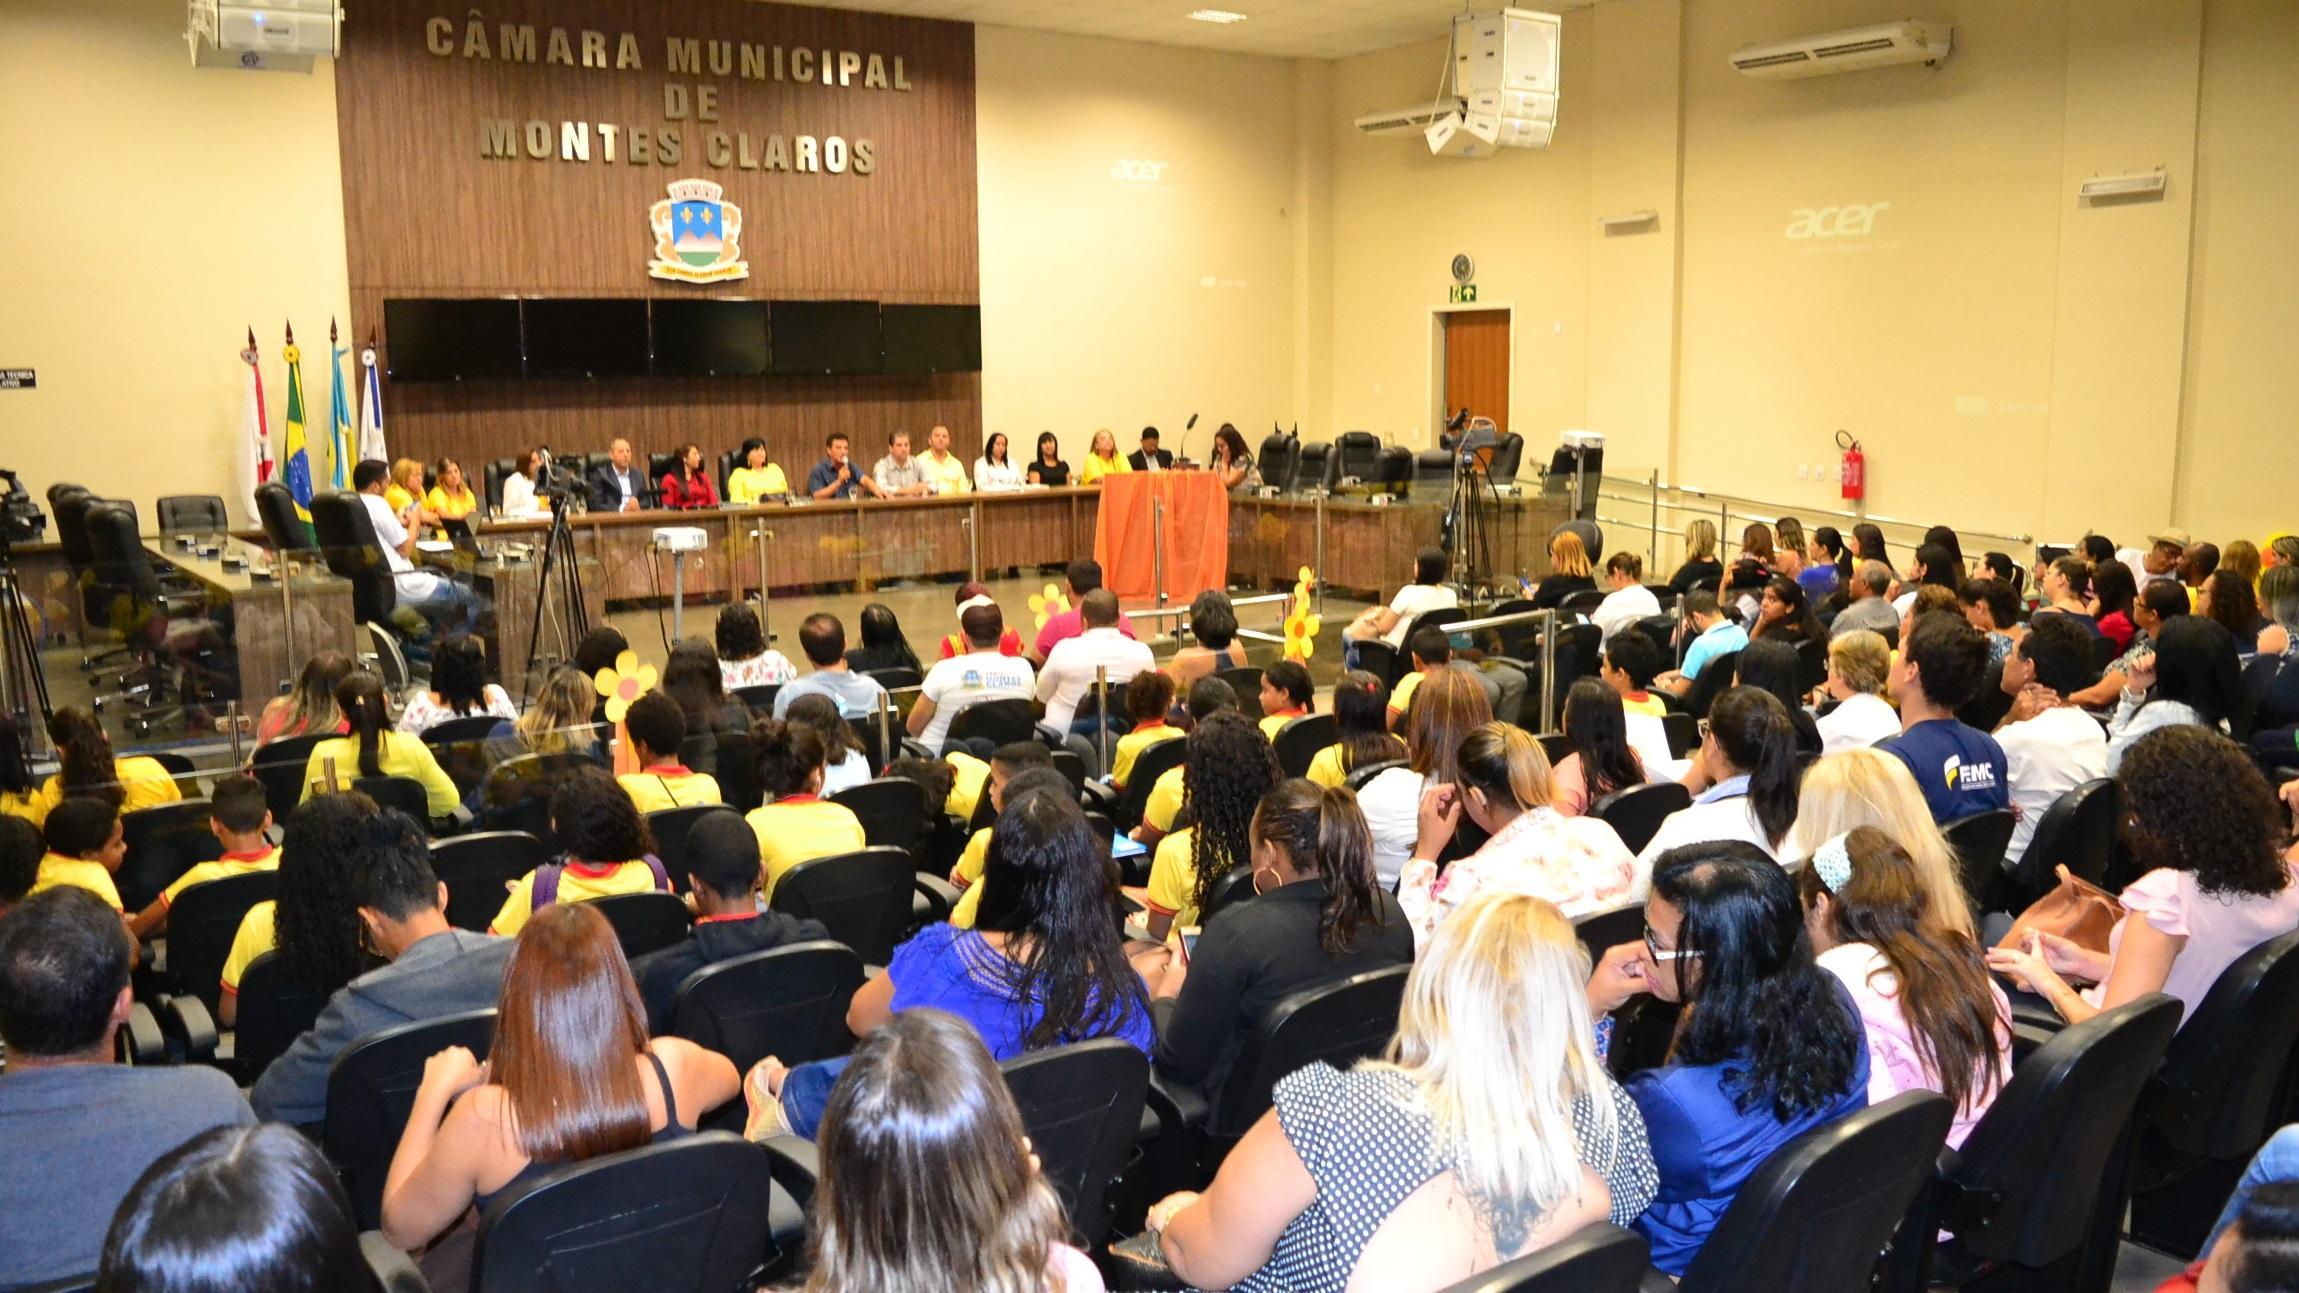 Imagem de destaque Prefeitura realiza evento para incentivar o combate à exploração sexual infantil